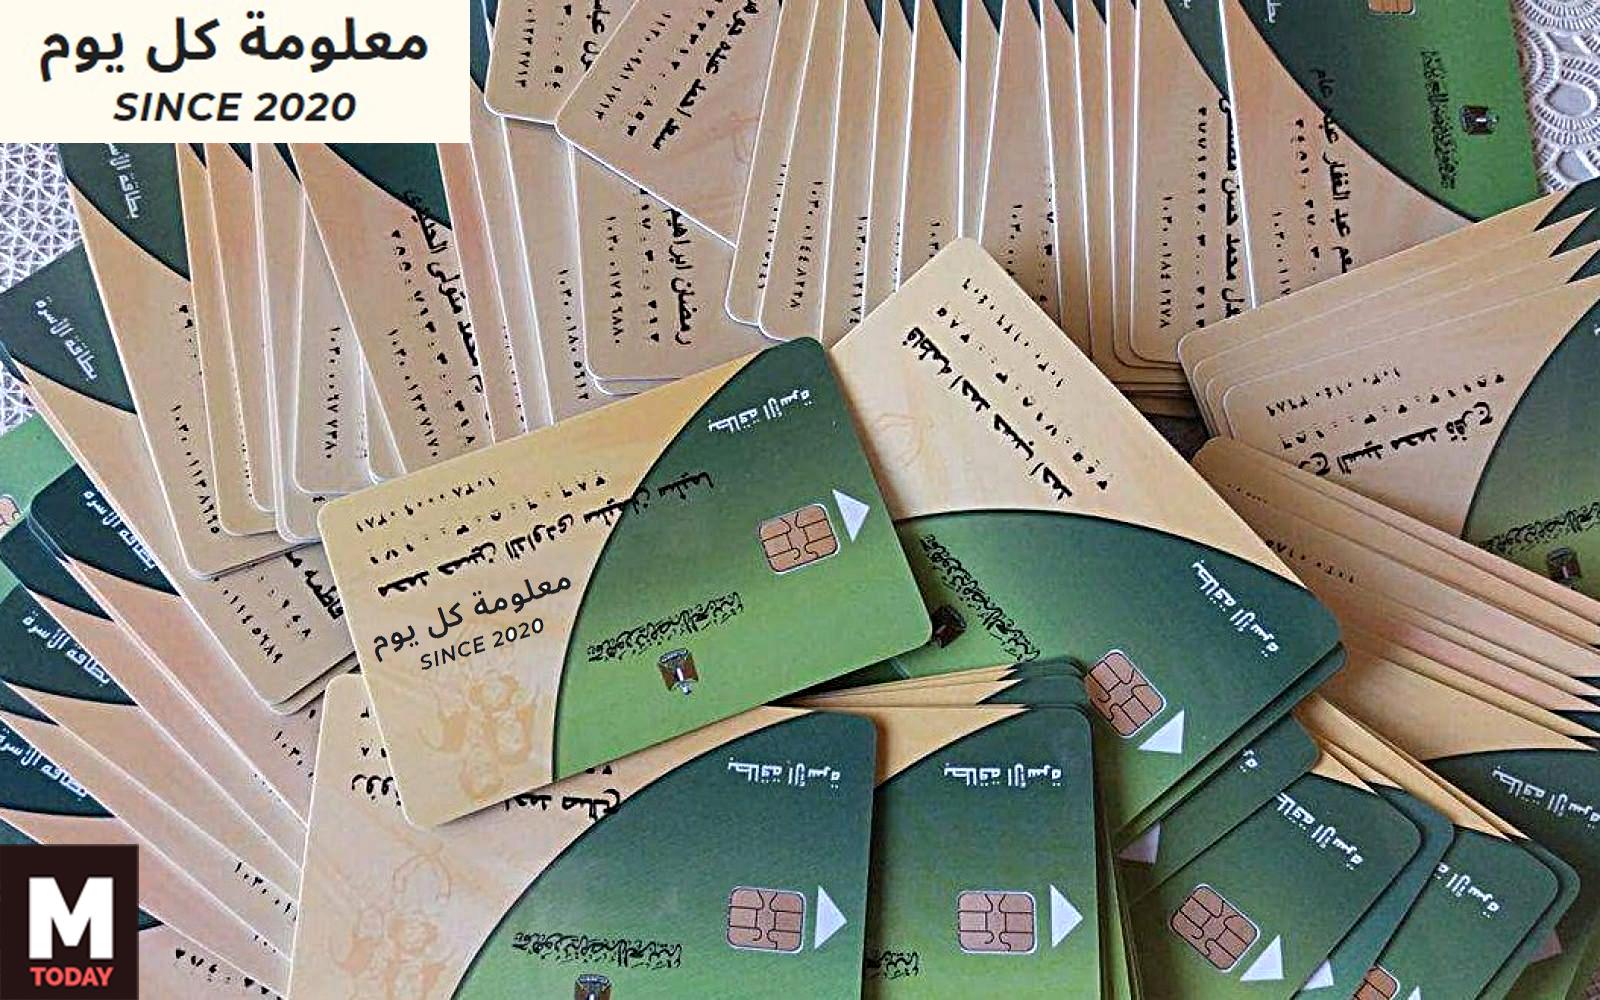 إجراءات نقل بطاقة التموين من محافظة إلى أخرى